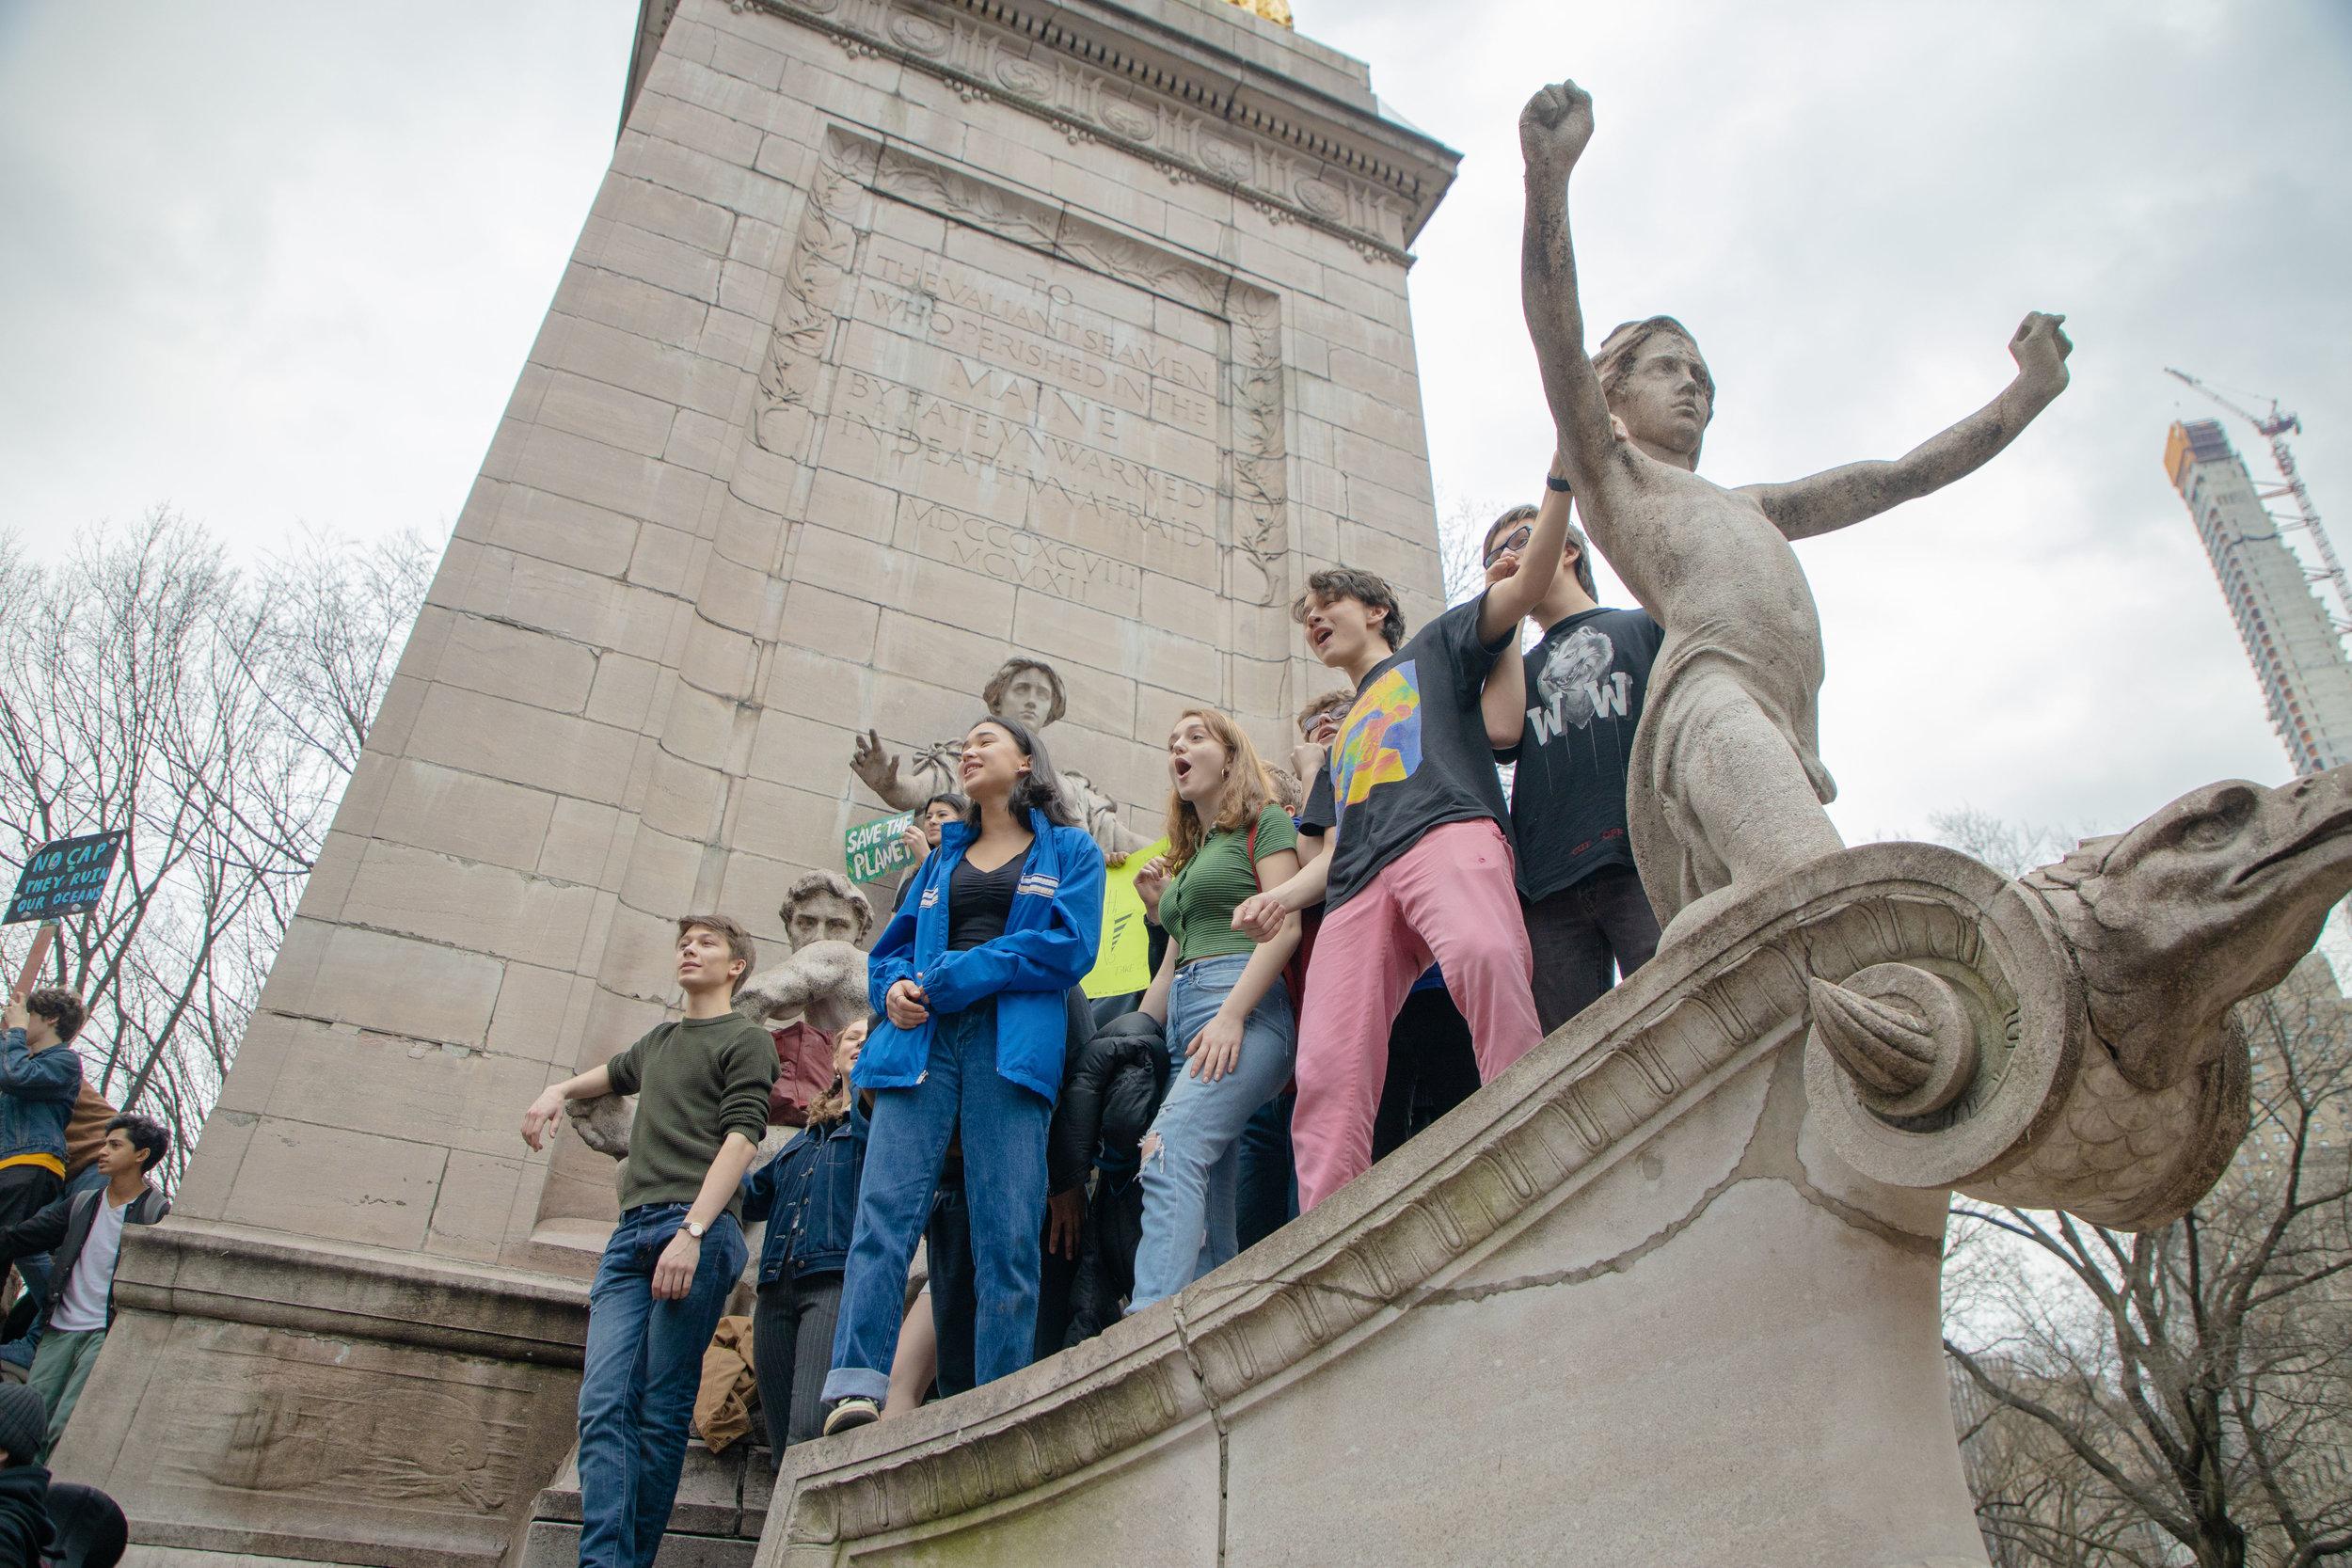 3.15.19_YouthClimateStrike_NYC_ColumbusCircle-14.jpg